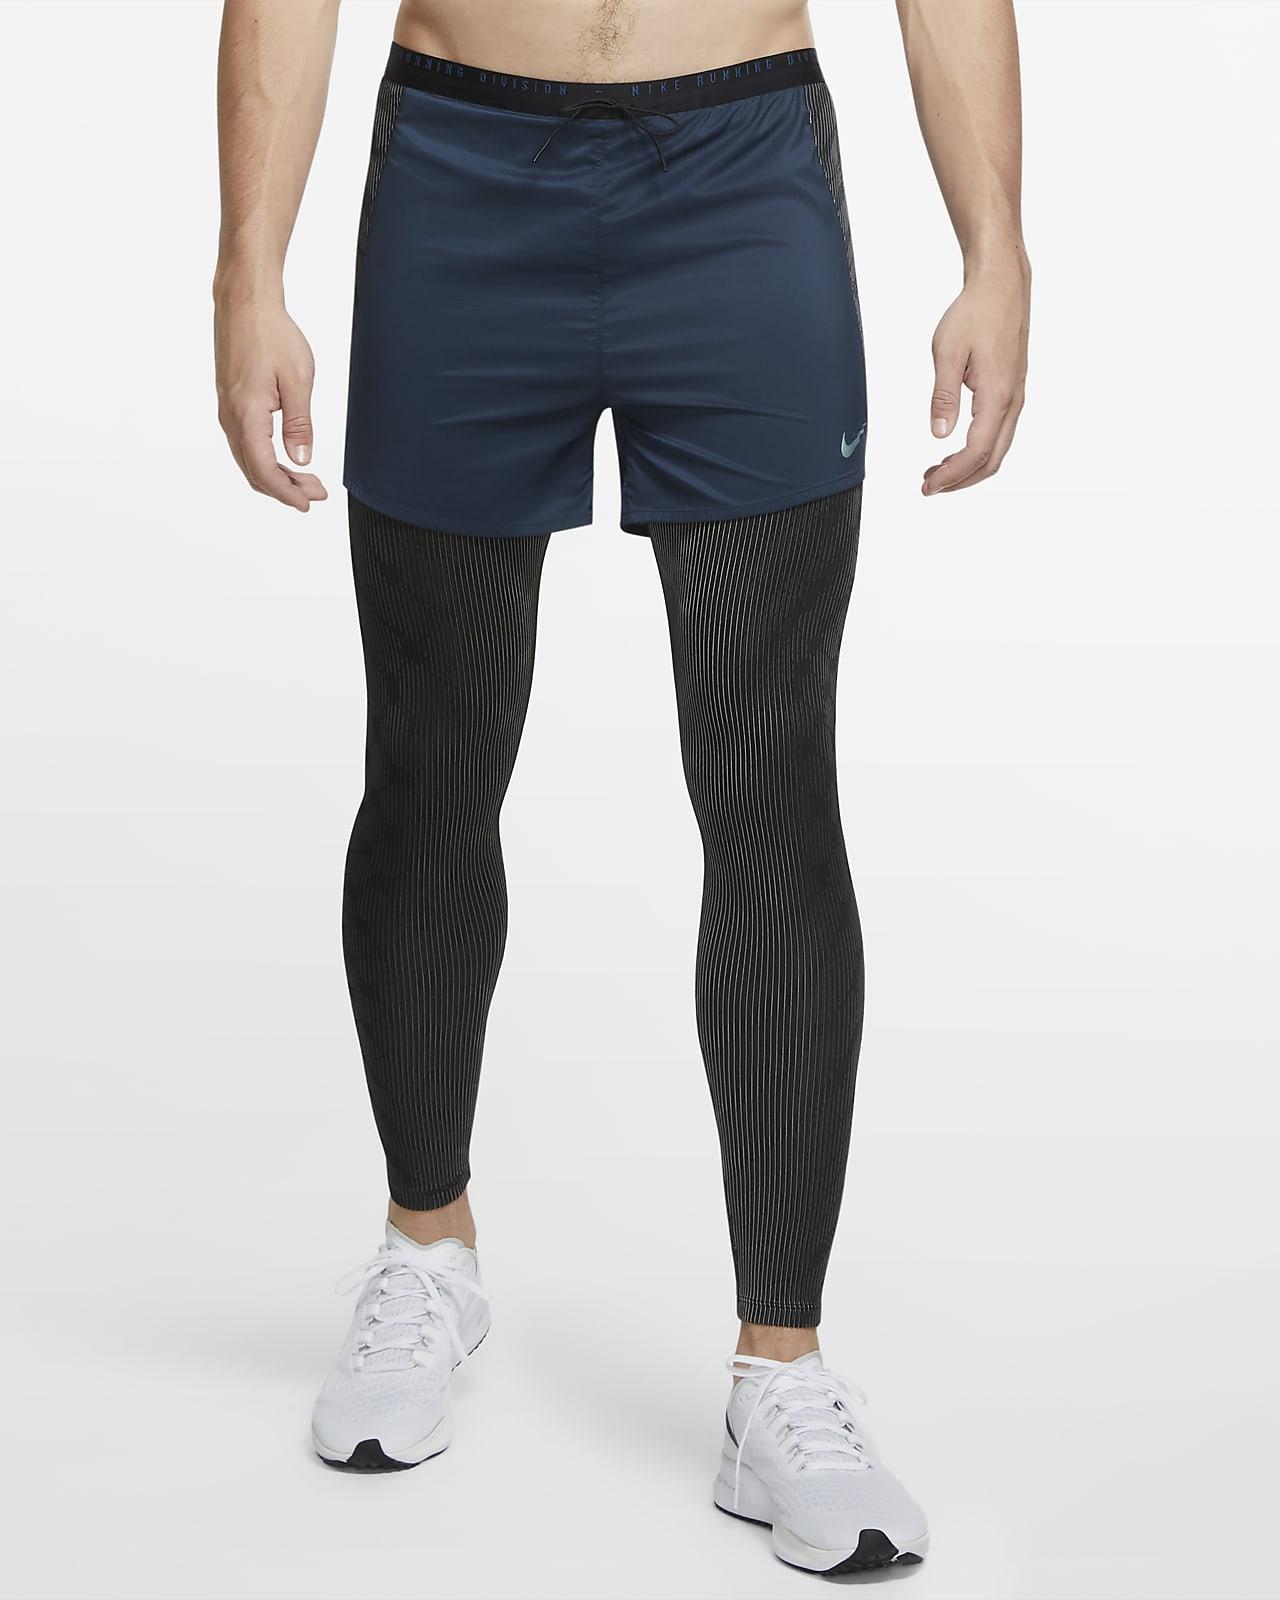 Löpartights Nike Run Division Hybrid för män